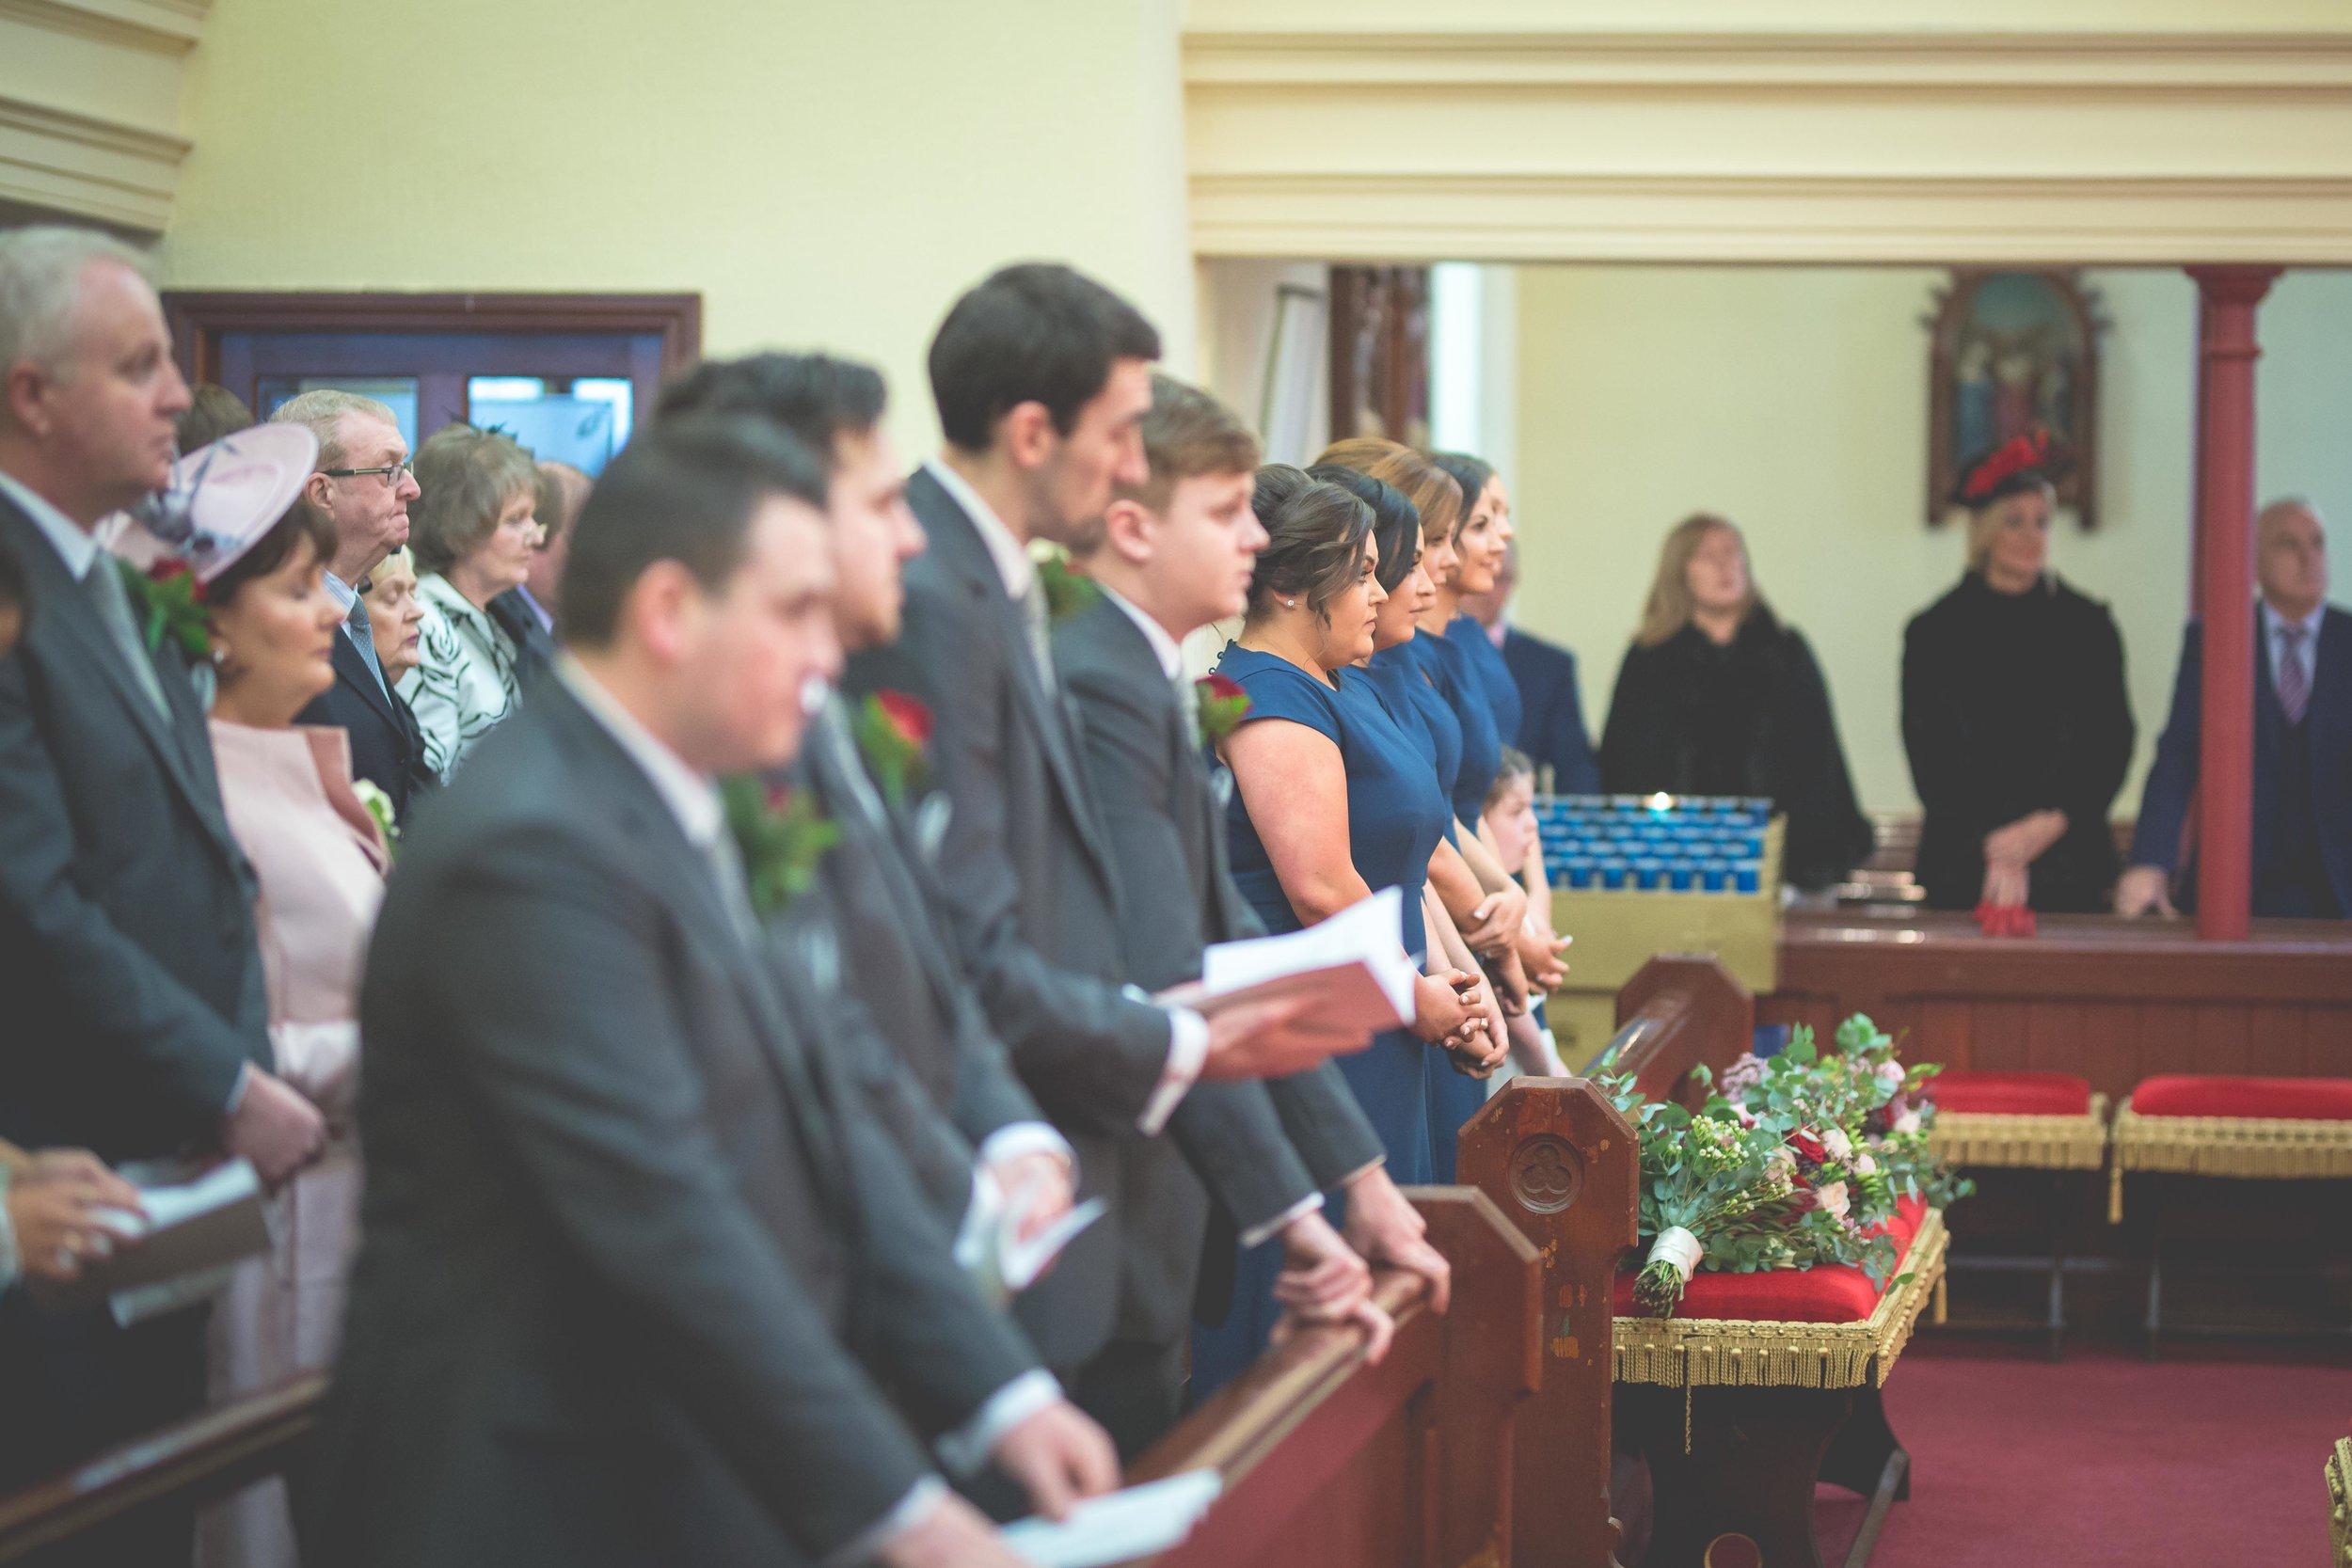 MaryJo_Conor_Mageean_Ceremony-54.jpg